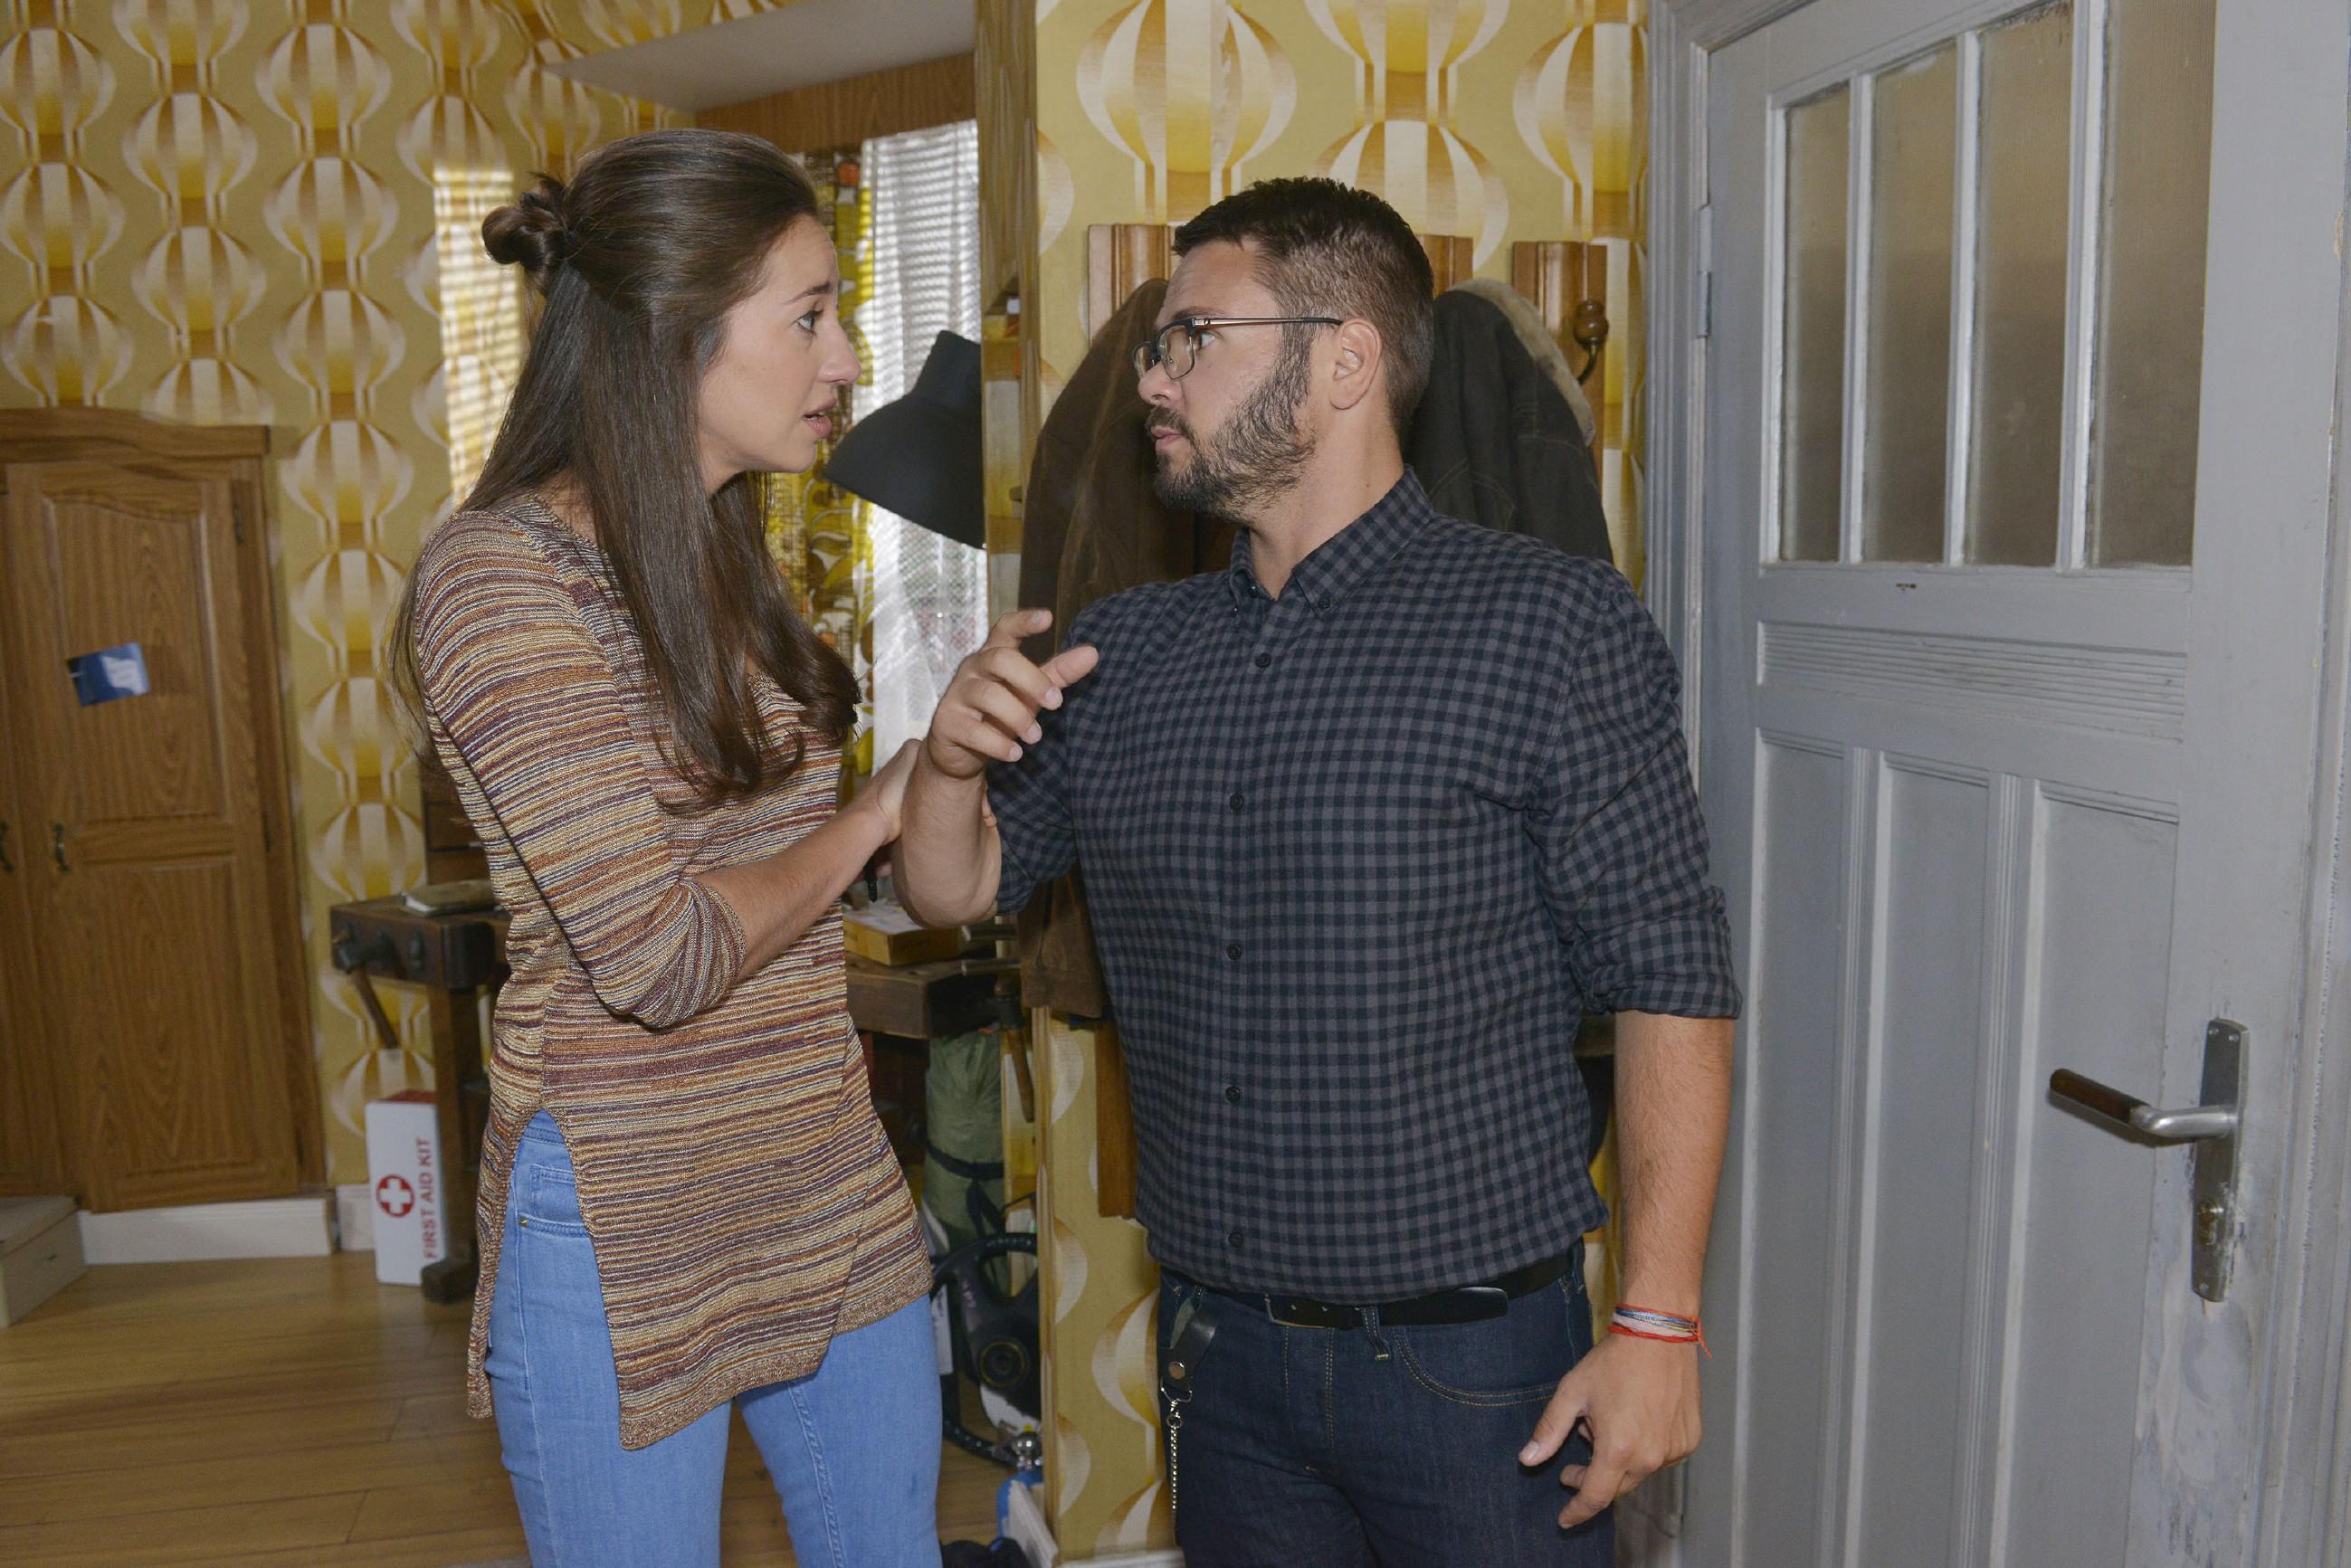 Als Tuner (Thomas Drechsel) darauf beharrt, dass Elena (Elena Garcia Gerlach) Philip endlich ihre Mittäterschaft beichtet, kommt es zum Streit zwischen den beiden und Elena greift zu einem letzten, verzweifelten Mittel... (Quelle: RTL / Rolf Baumgartner)